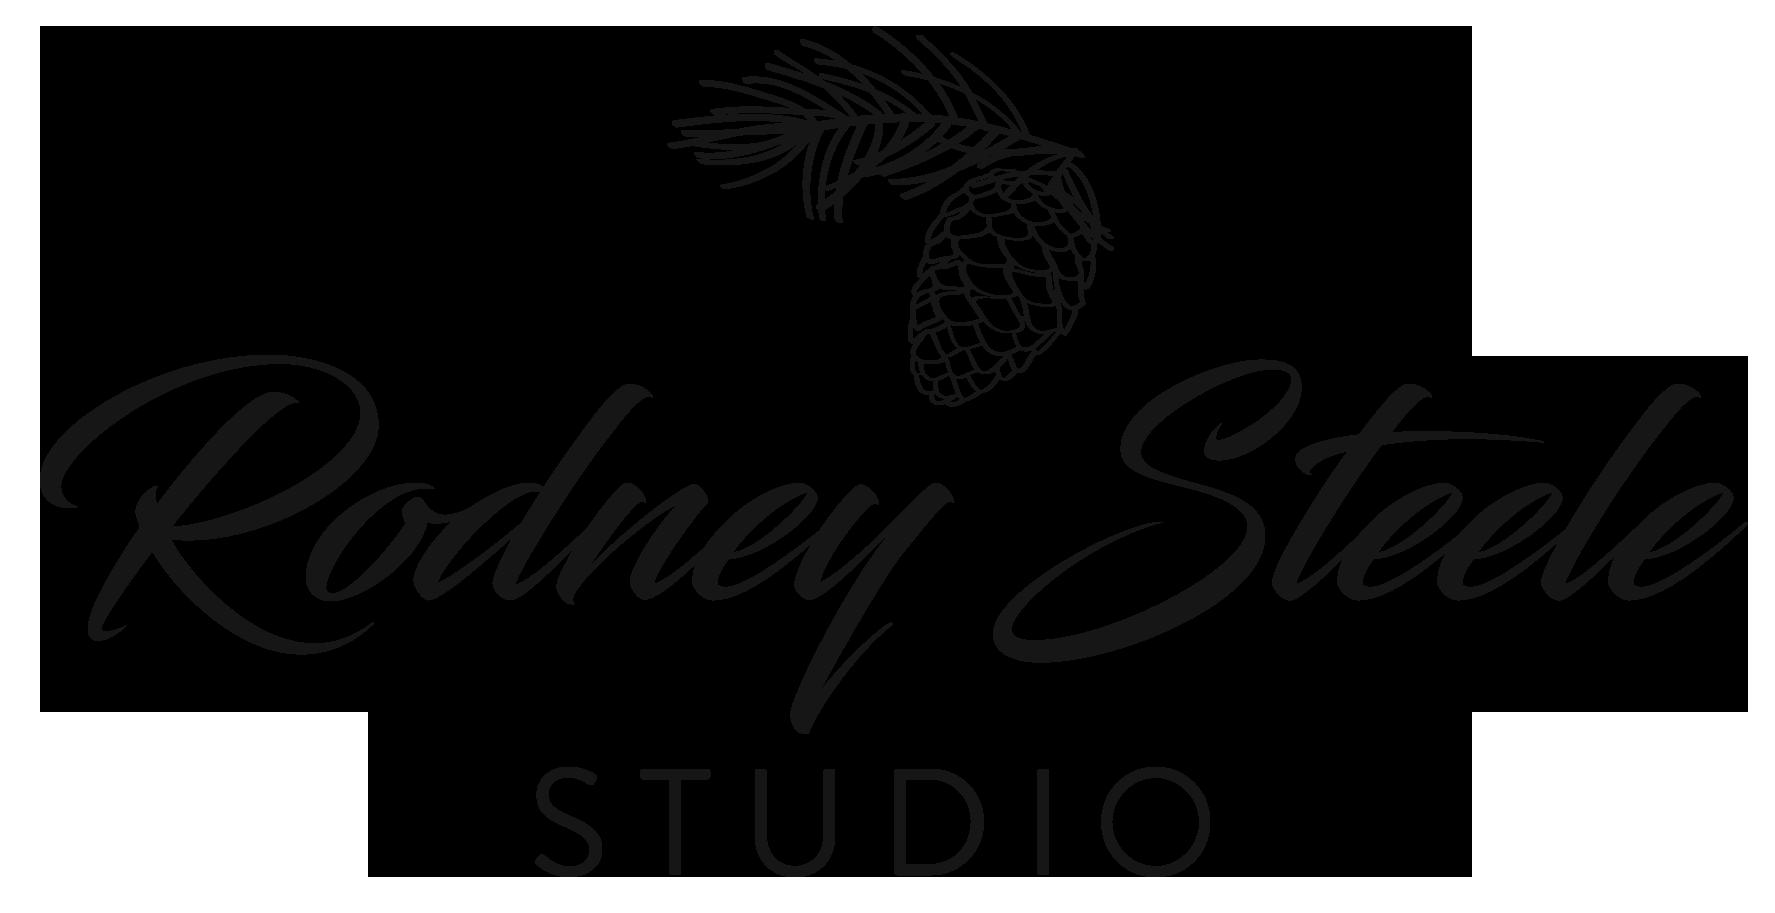 Rodney Steele Studio